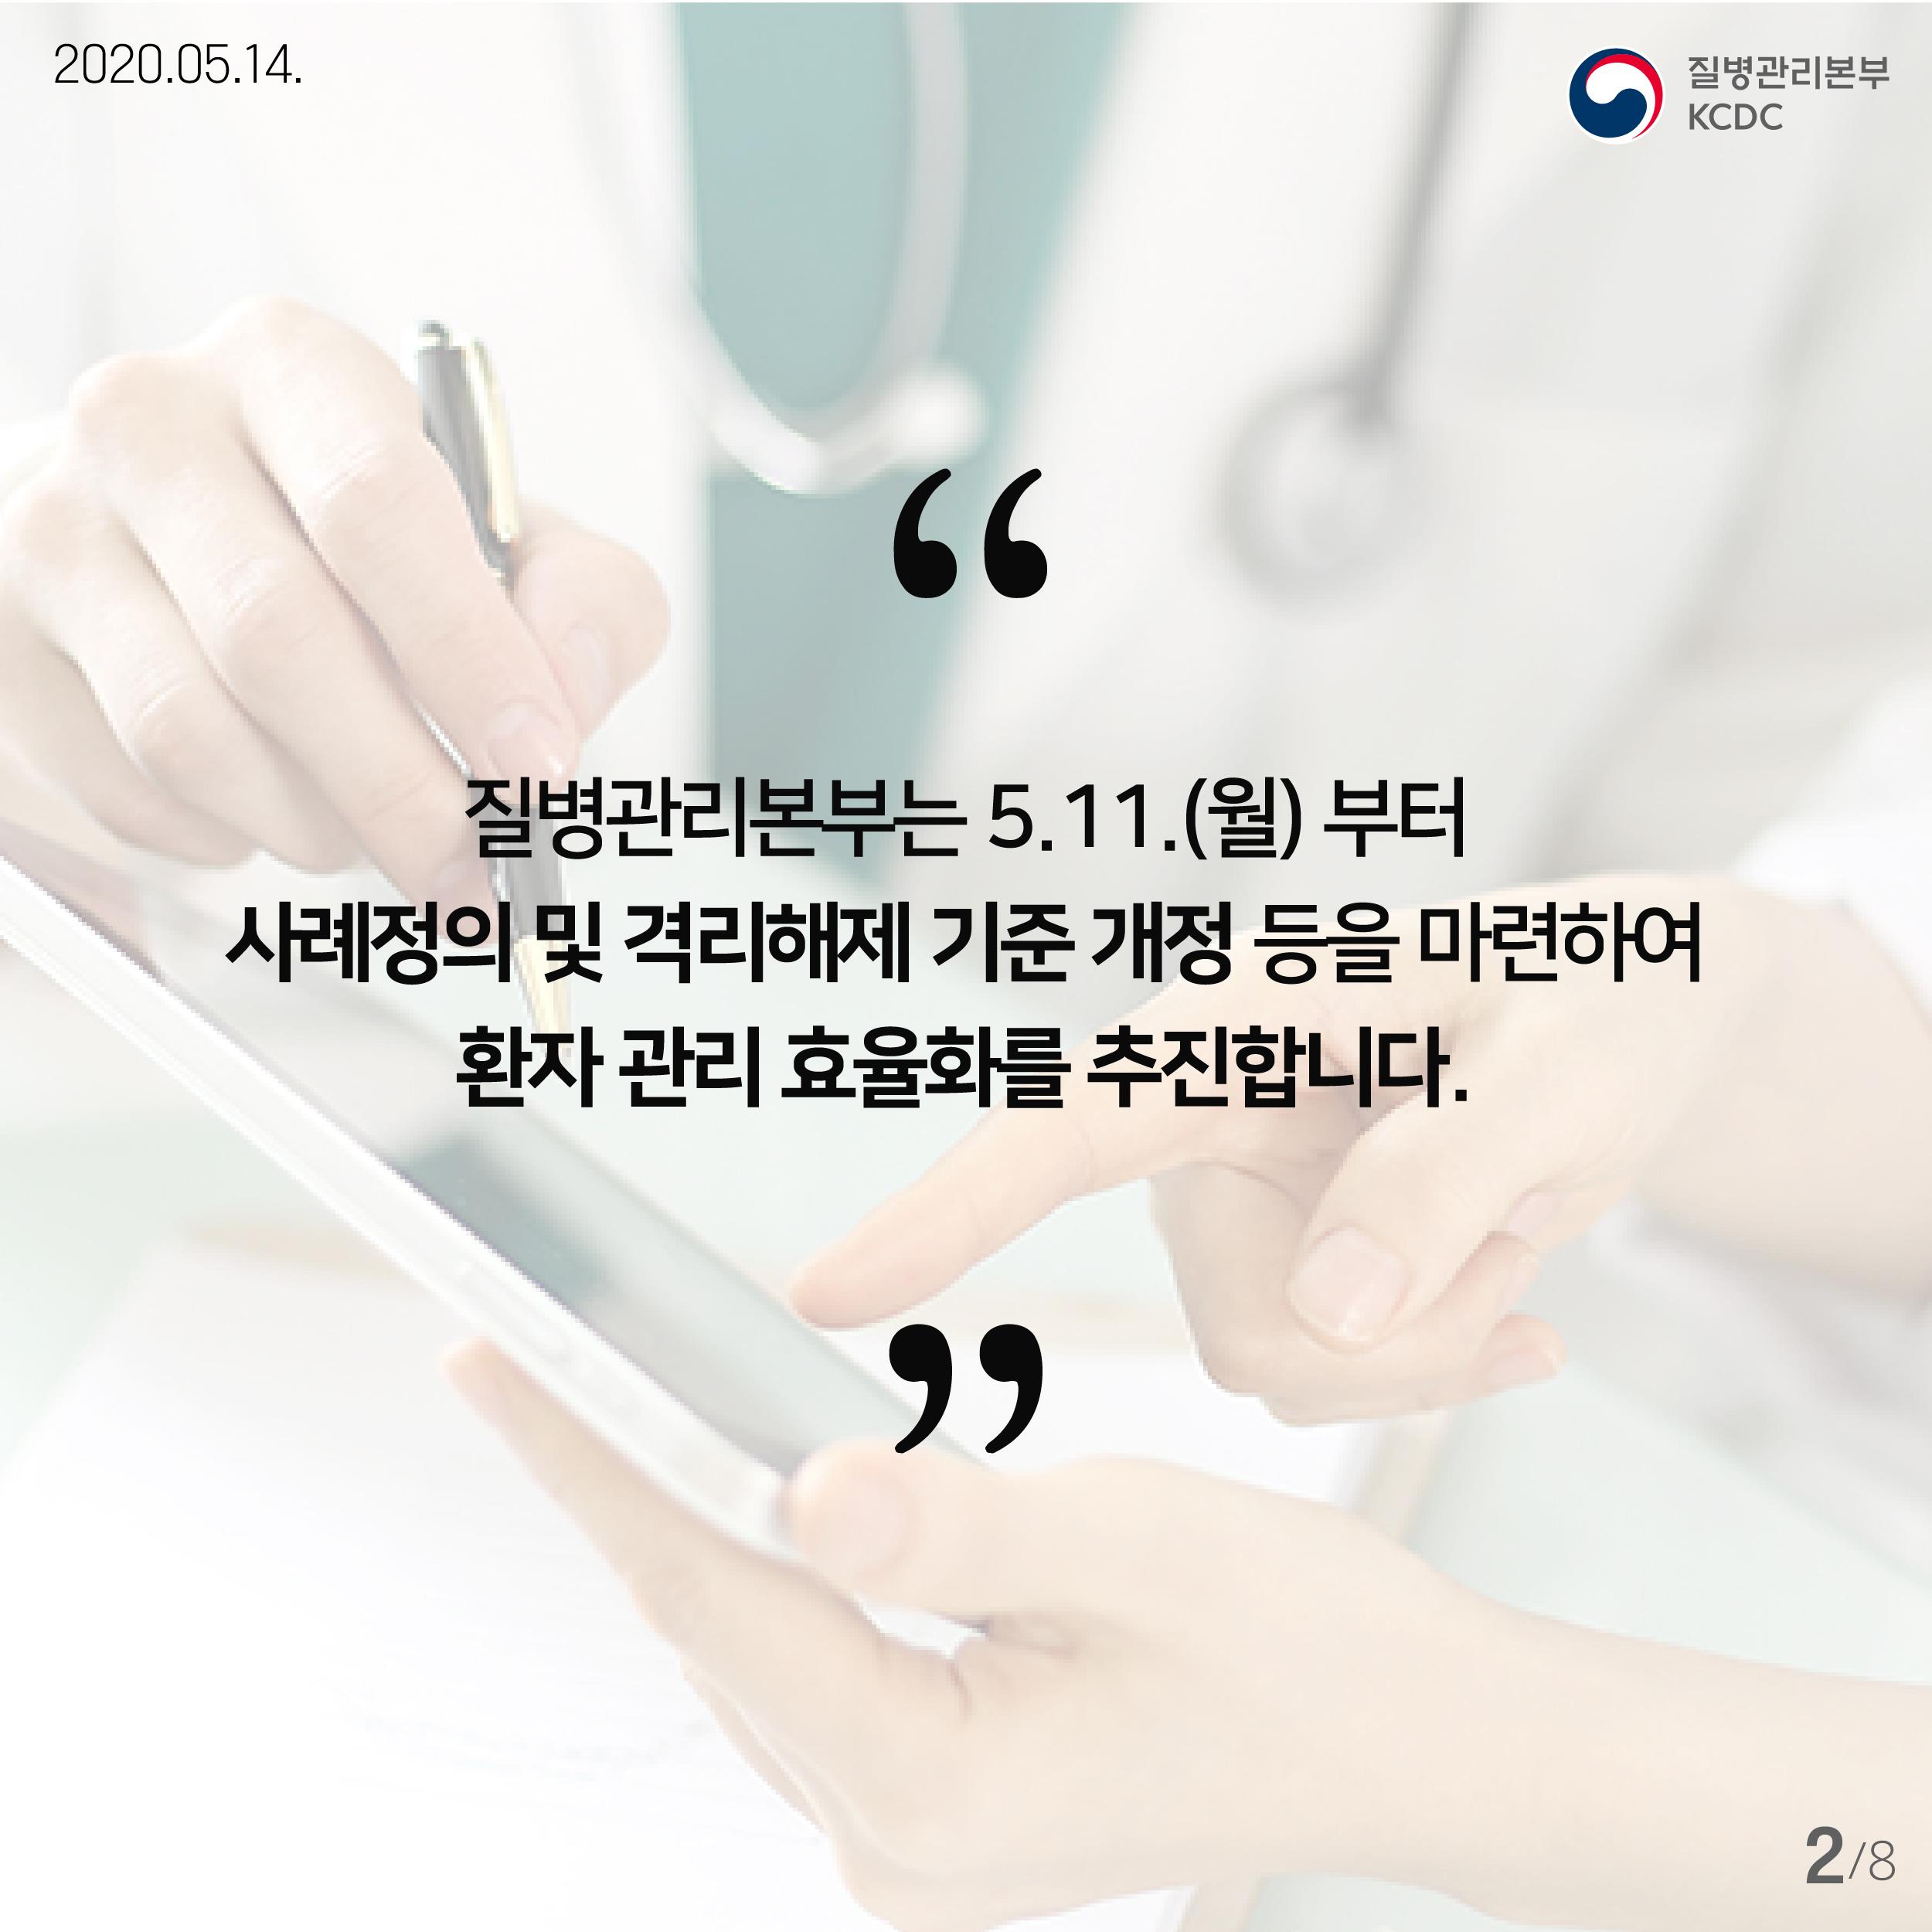 20200514_KCDC_사례정의8판_카드뉴스_2.jpg